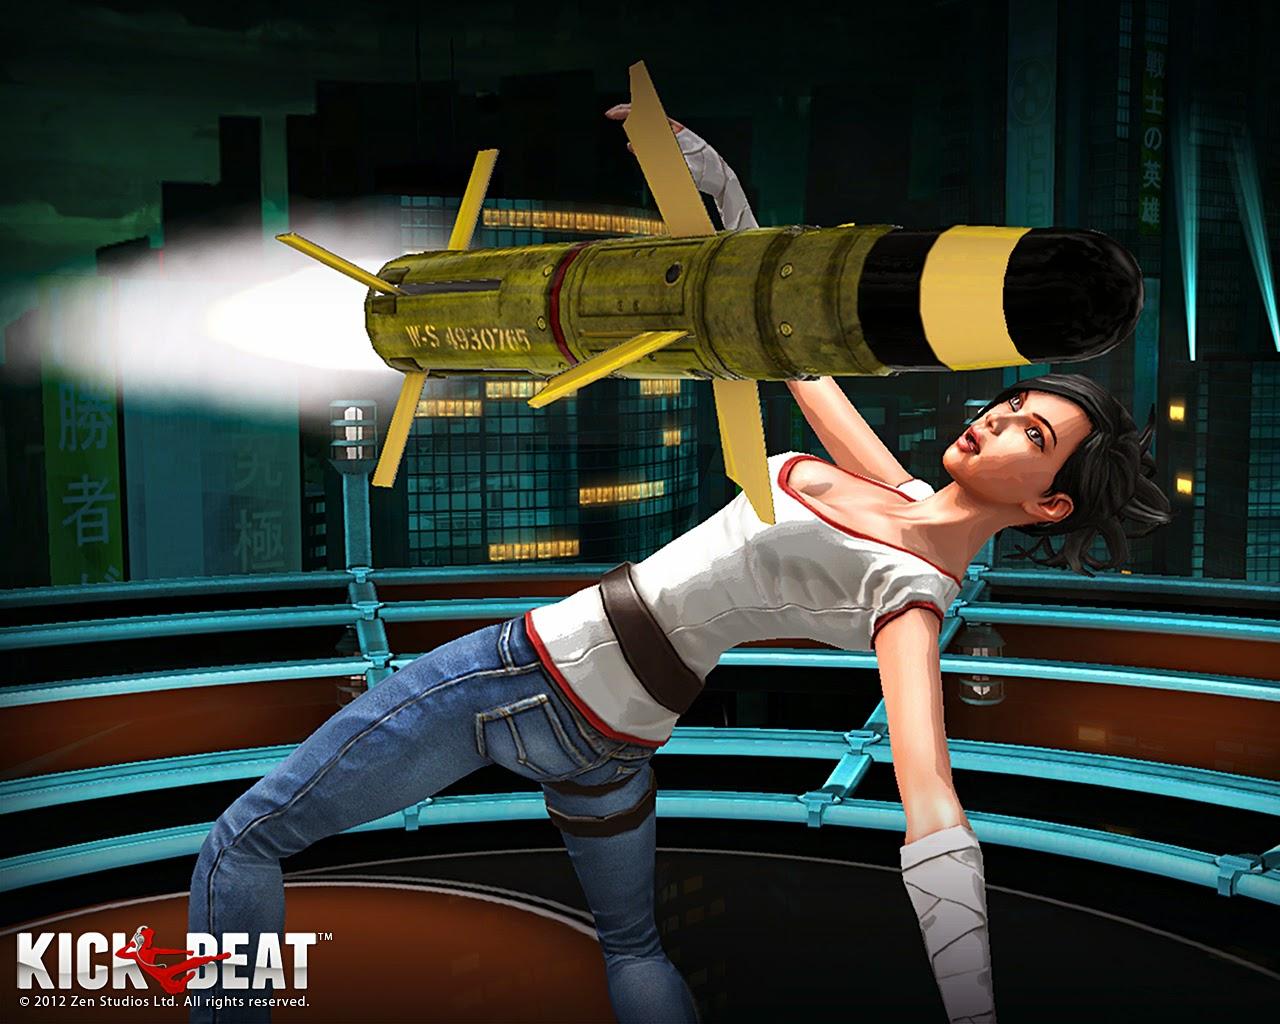 Loạt hình nền tuyệt đẹp của game âm nhạc KickBeat - Ảnh 2